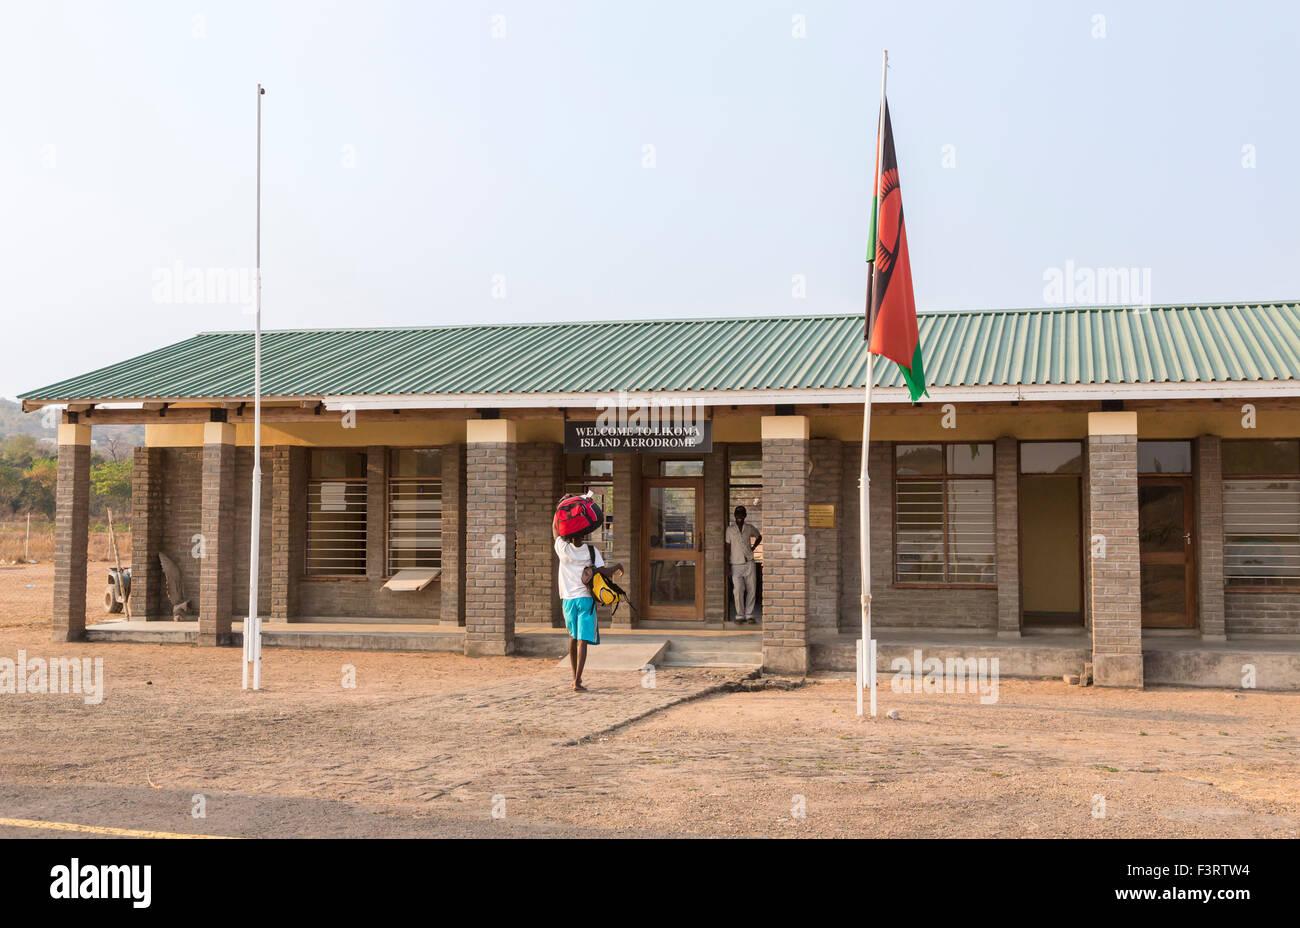 Air Transport et voyage, battant au Malawi: porter, transport des bagages, l'île de Likoma aérogare aérodrome, Banque D'Images